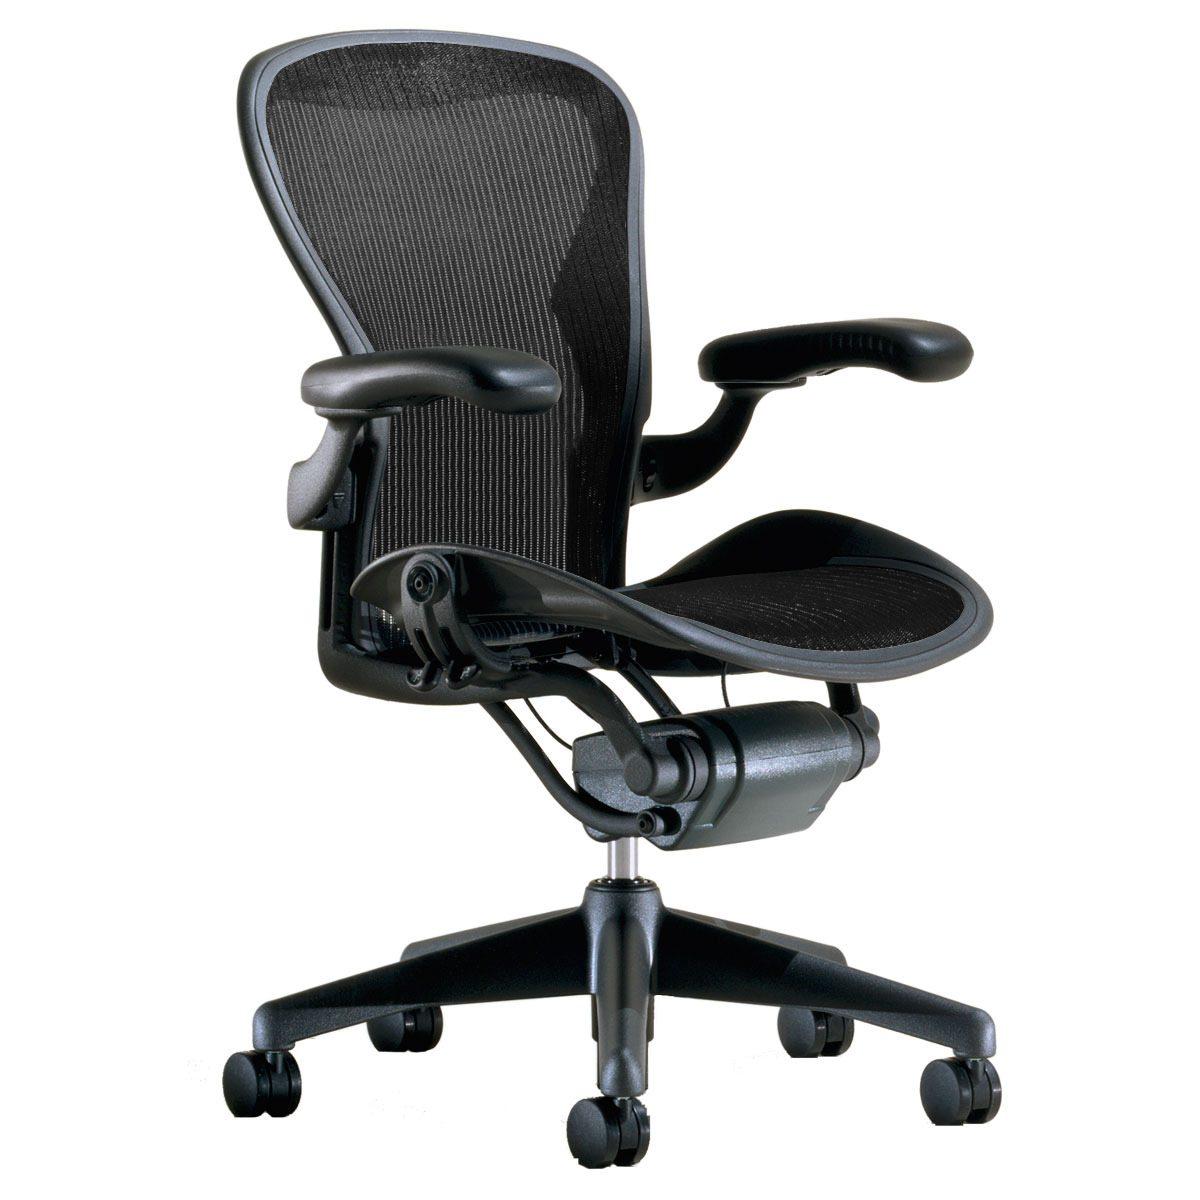 ergonomic office chair #5 pick herman miller aeron office chair - best mesh office chair ZZOMOHA